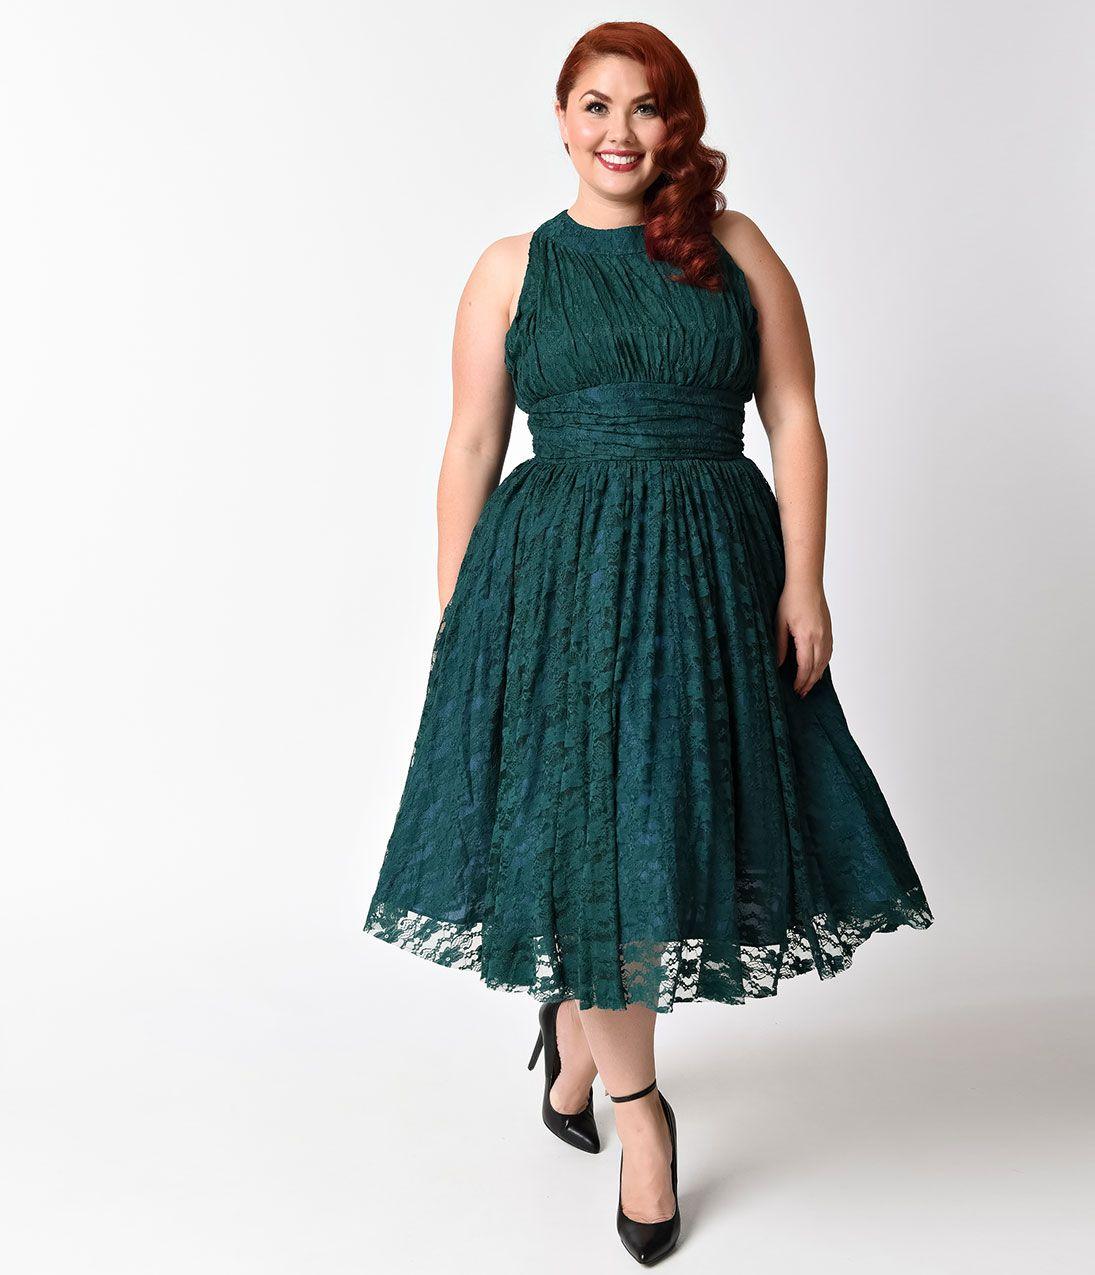 Plus Size Vintage Dresses, Plus Size Retro Dresses | 1940s ...